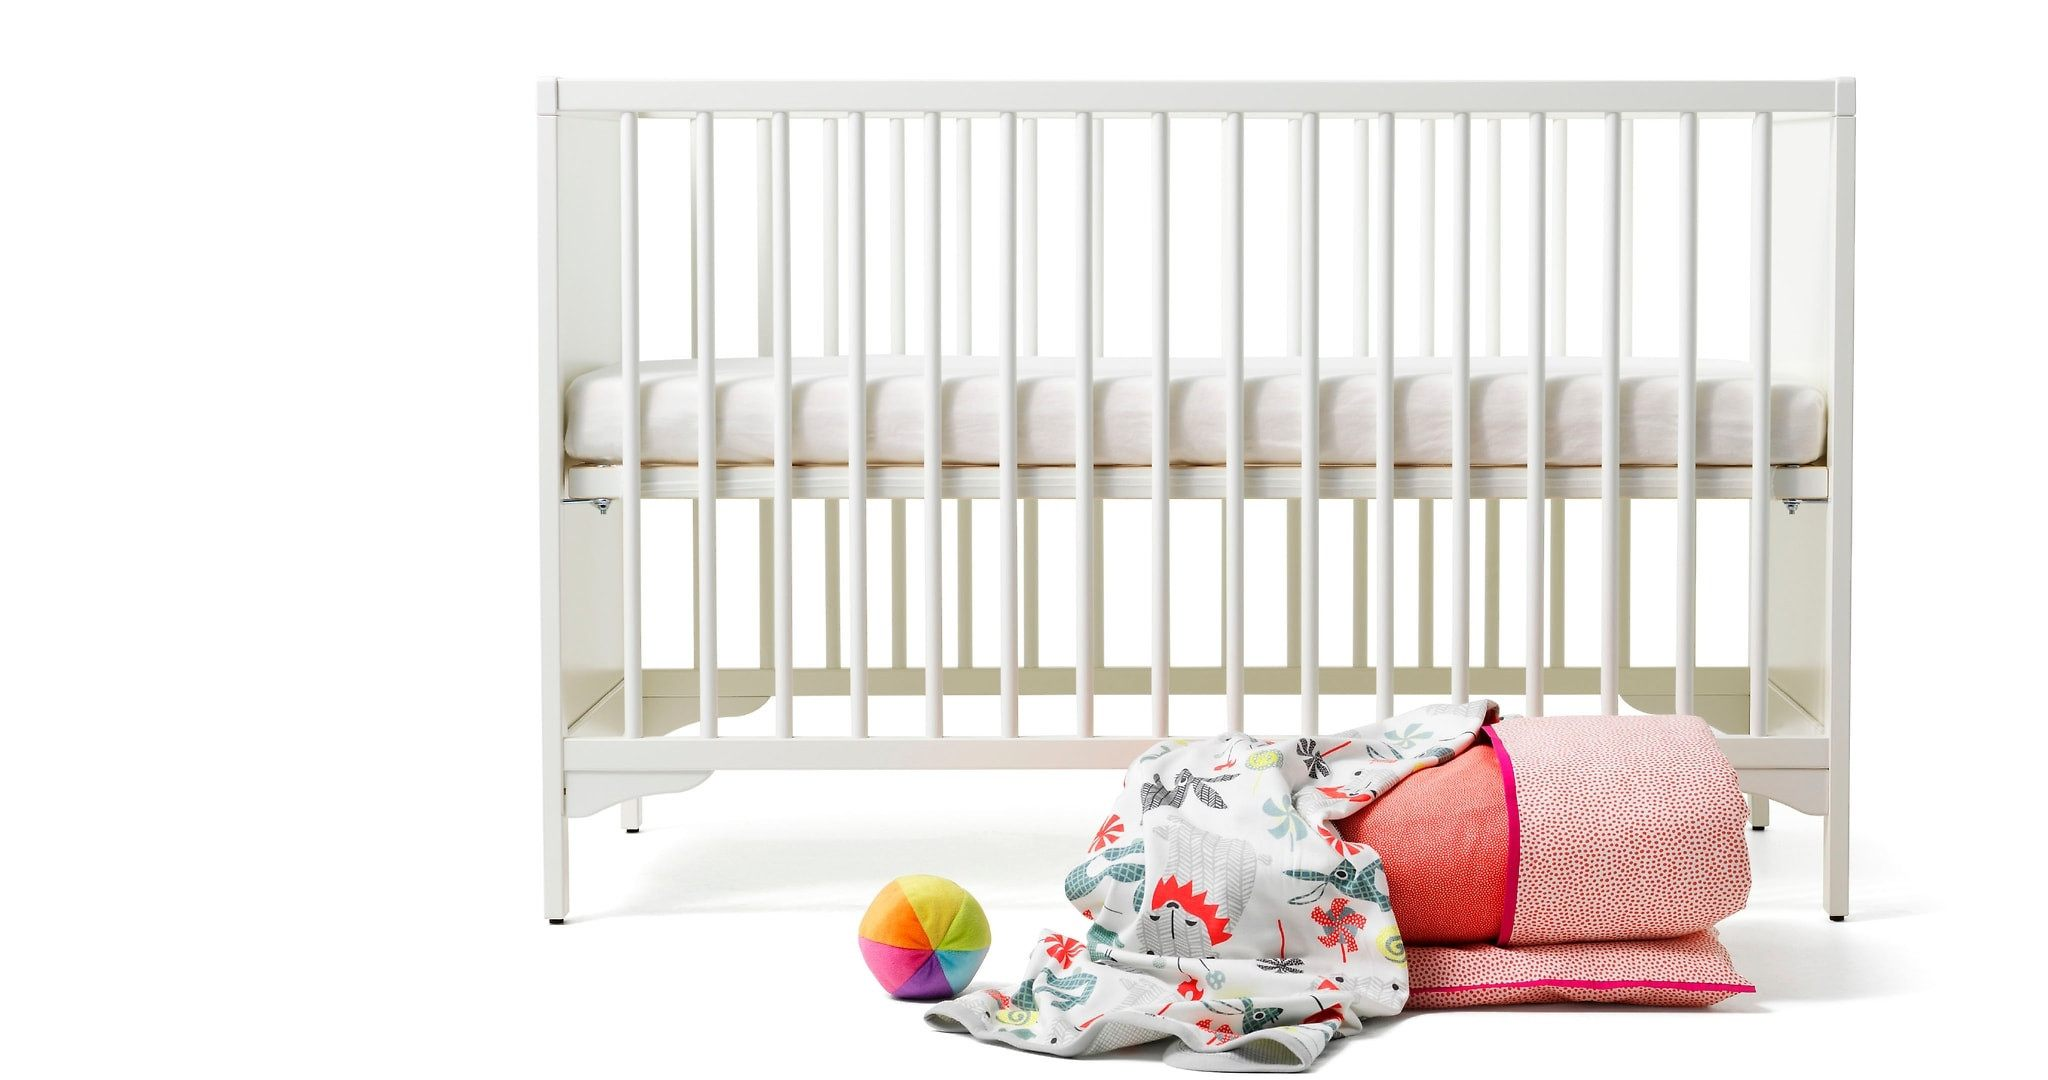 Lit Superposé Pour Bébé Magnifique Chaise Table Bébé Cuisine Pour Bebe Lovely Lit Ikea Bebe 12 Superpos